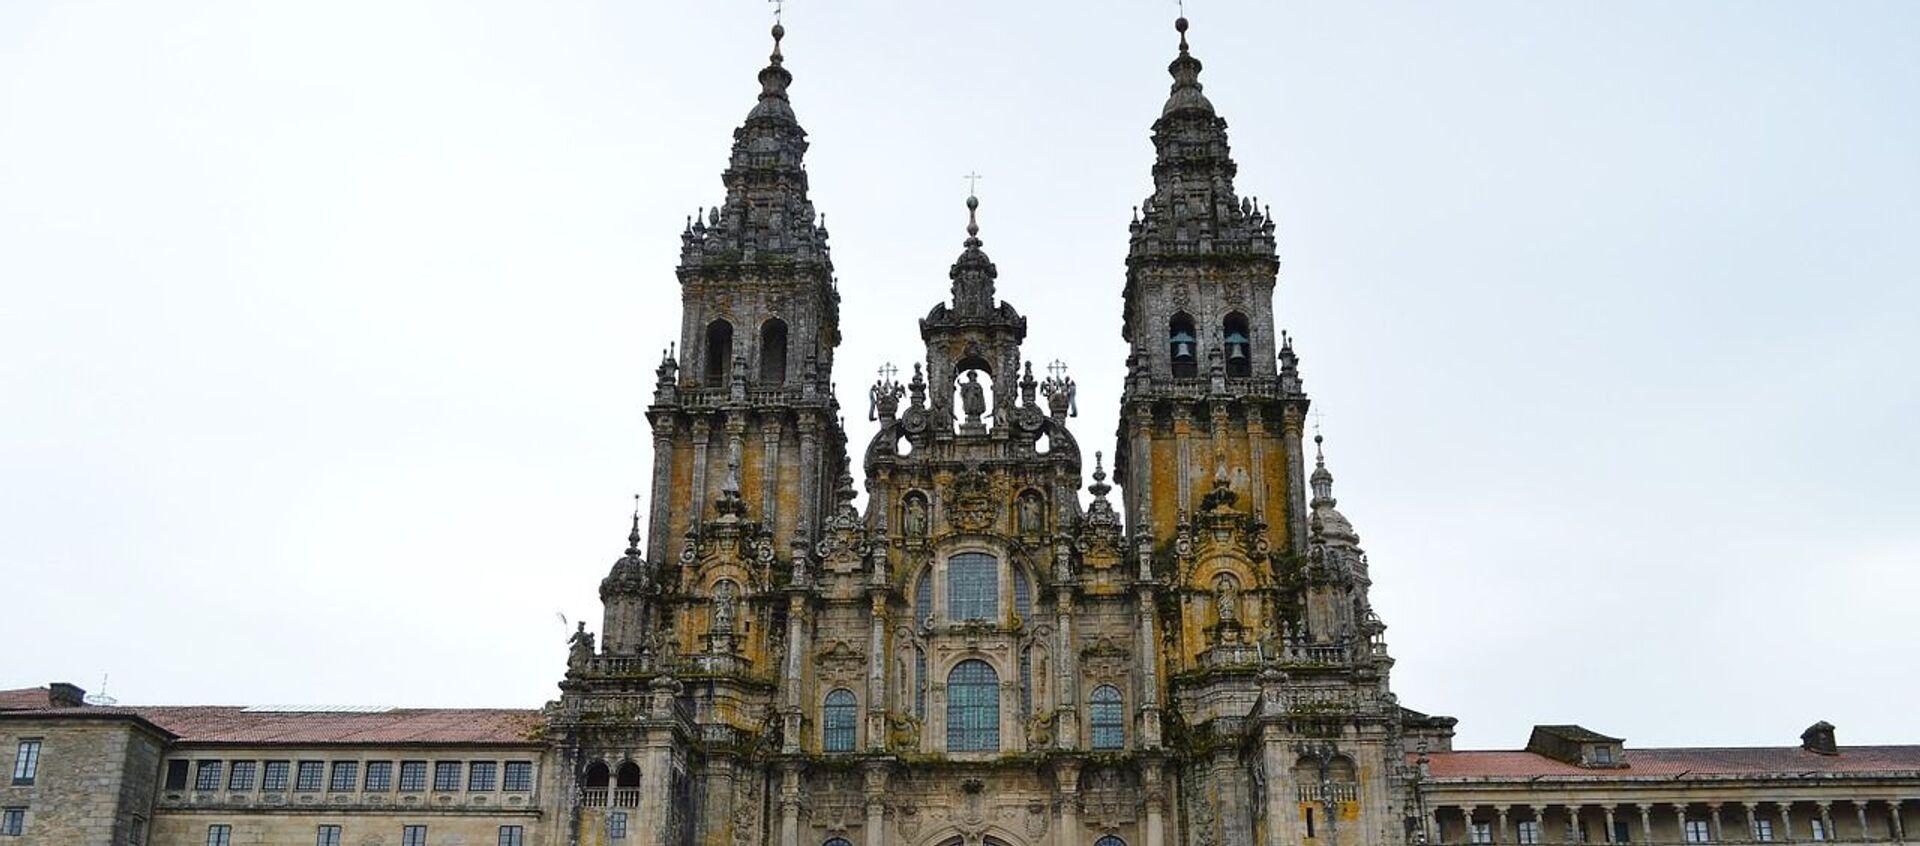 Catedral de Santiago de Compostela - Sputnik Mundo, 1920, 31.12.2020